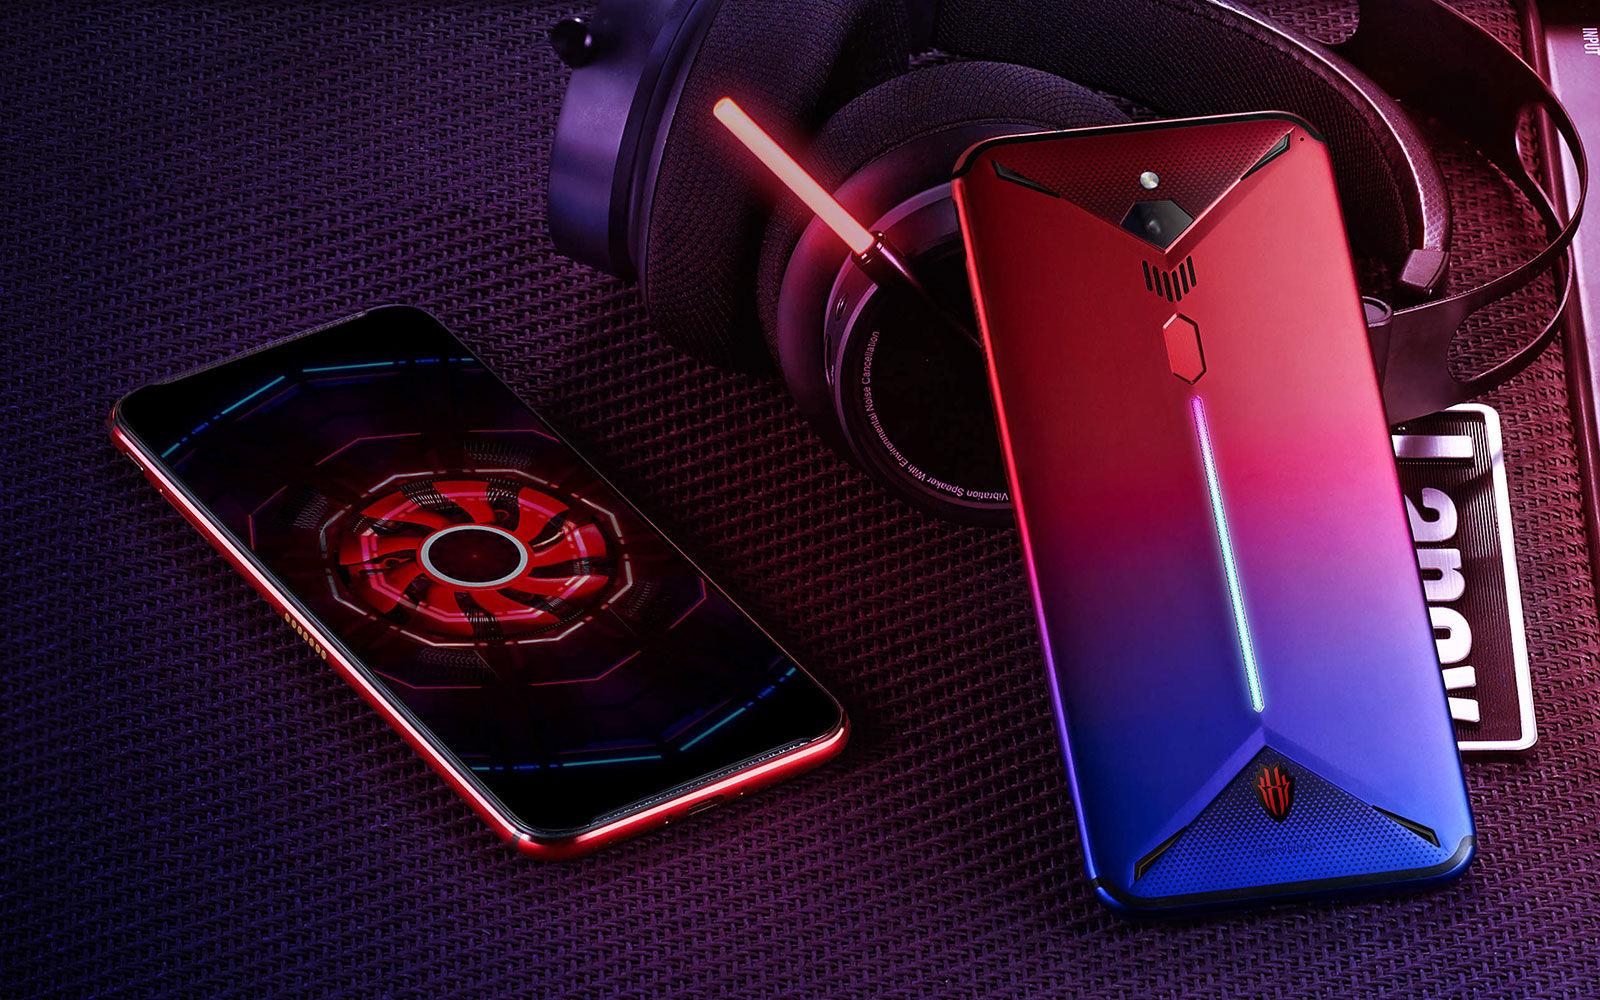 Геймерский телефон Nubia Red Magic 3 получил интегрированную активную систему охлаждения с вентилятором - 1